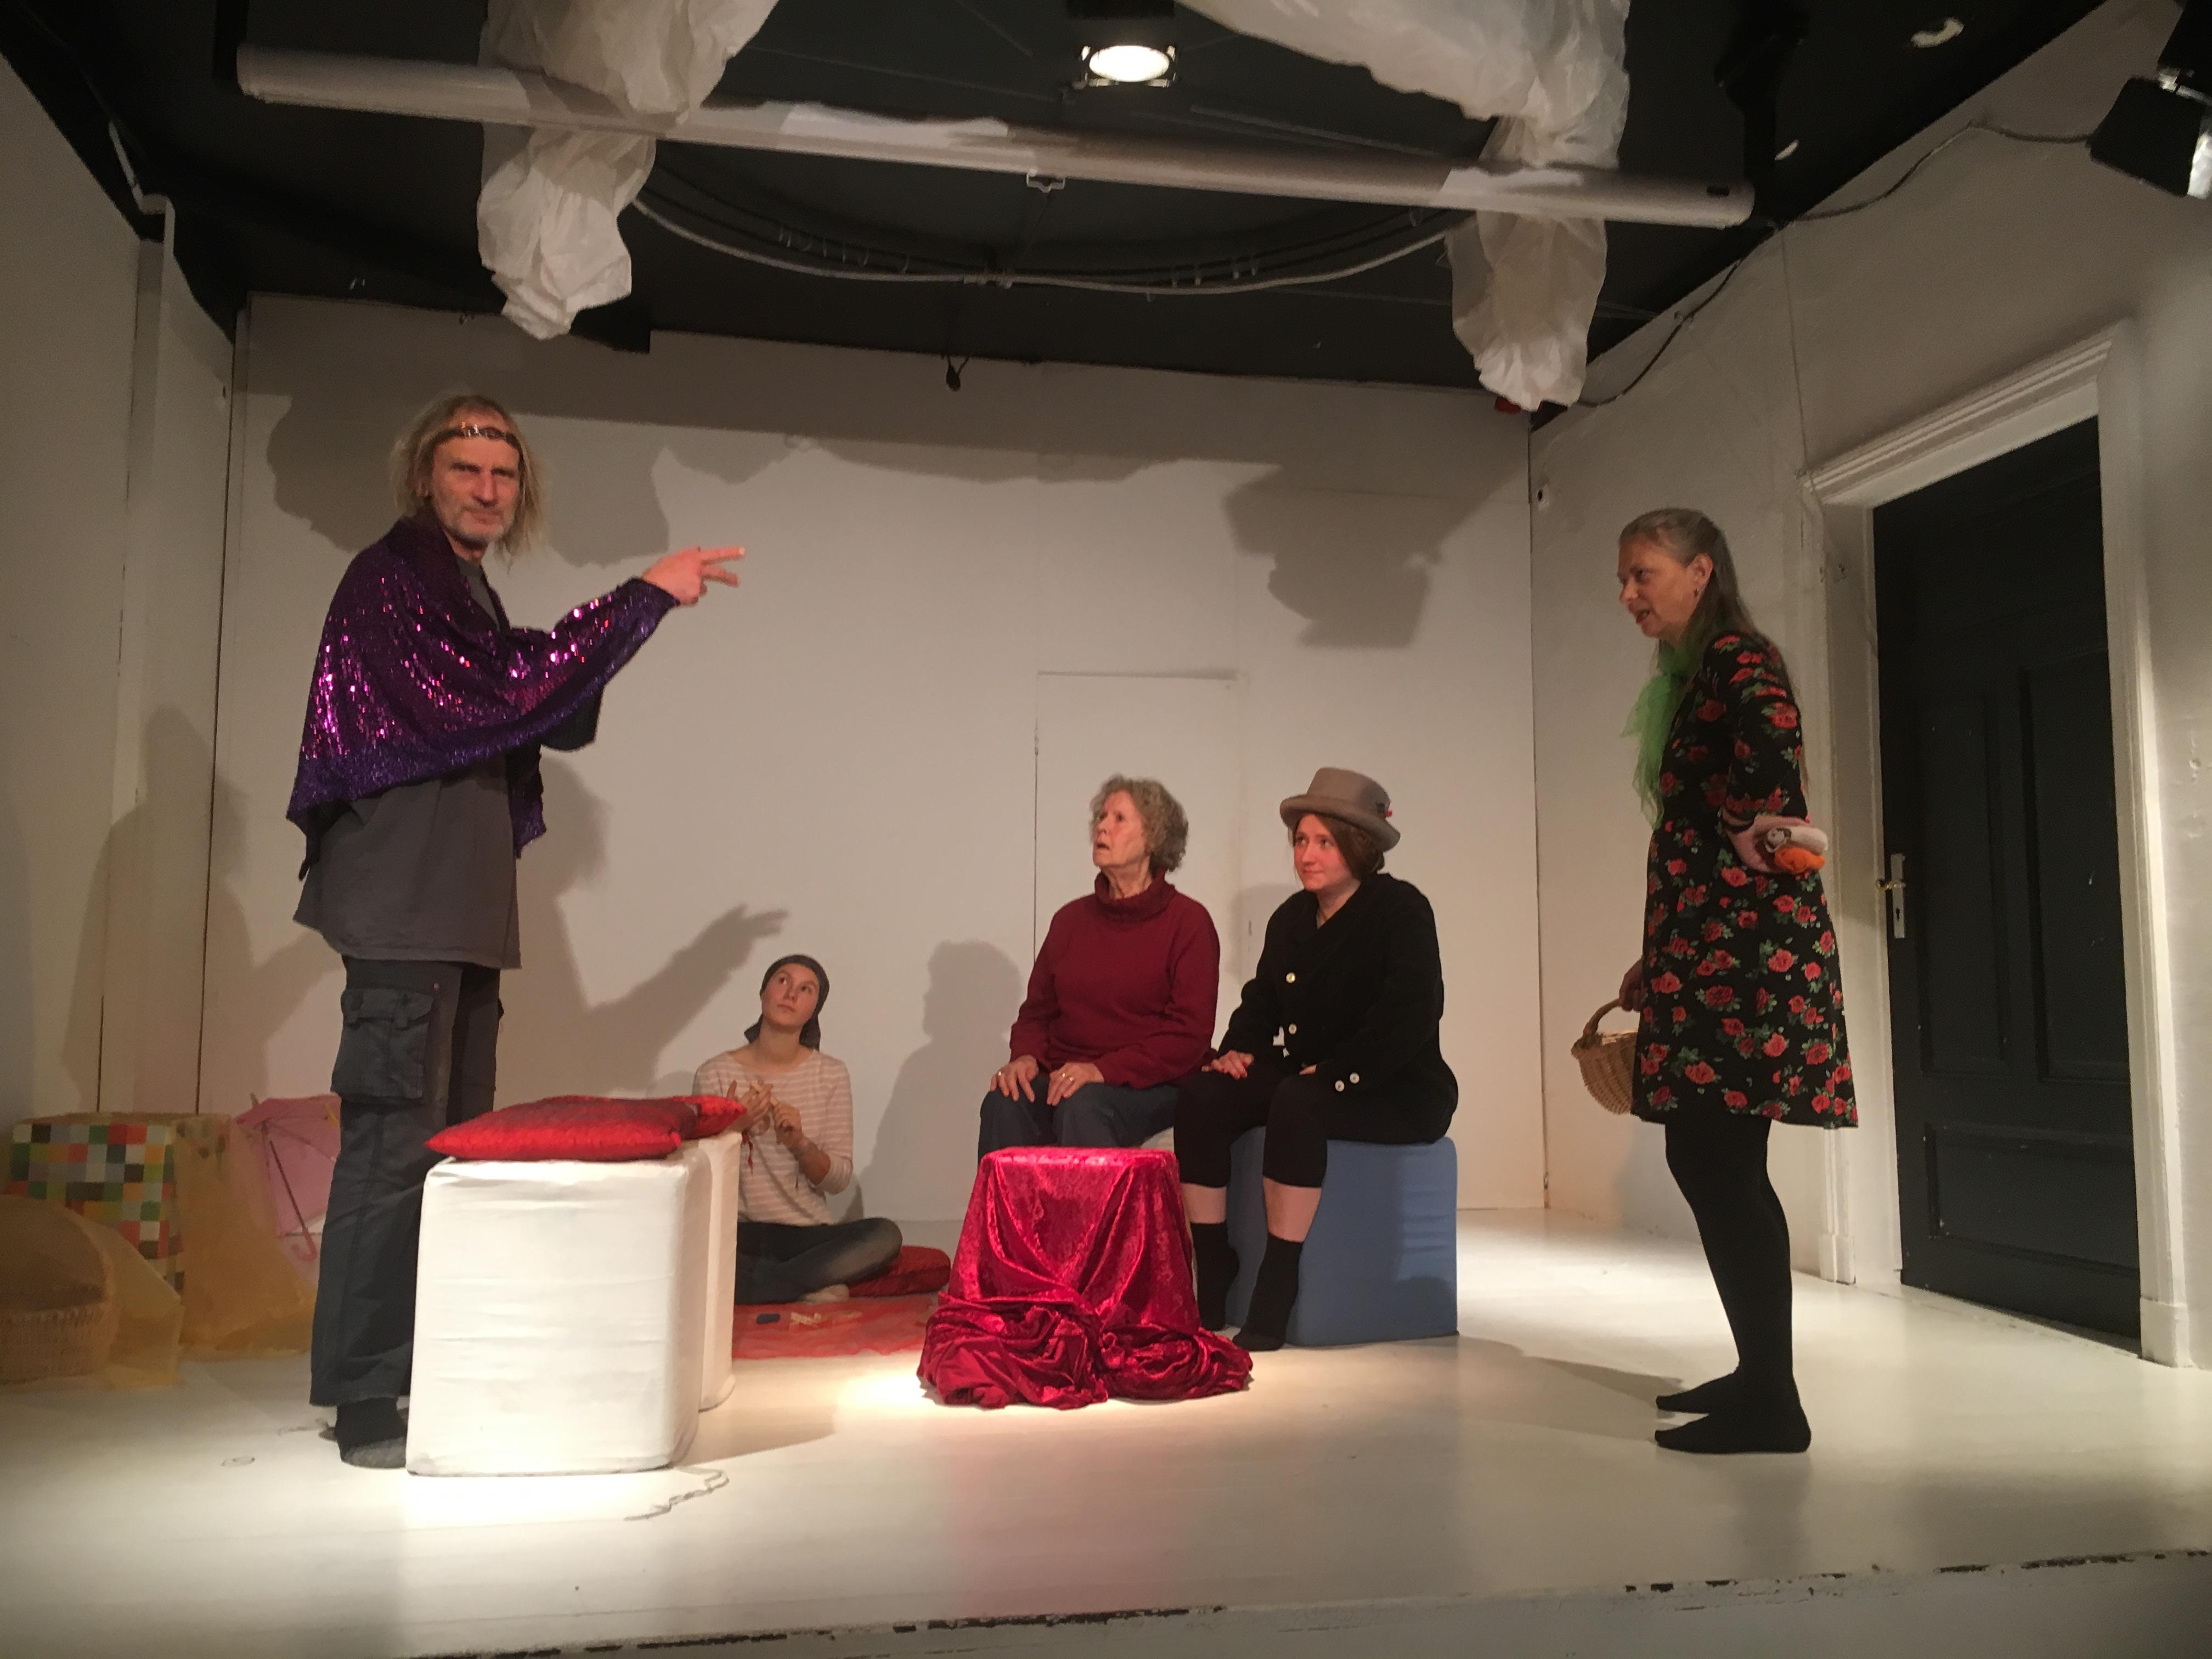 Probe zur szenischen Lesung - 5 Personen auf einer Bühne